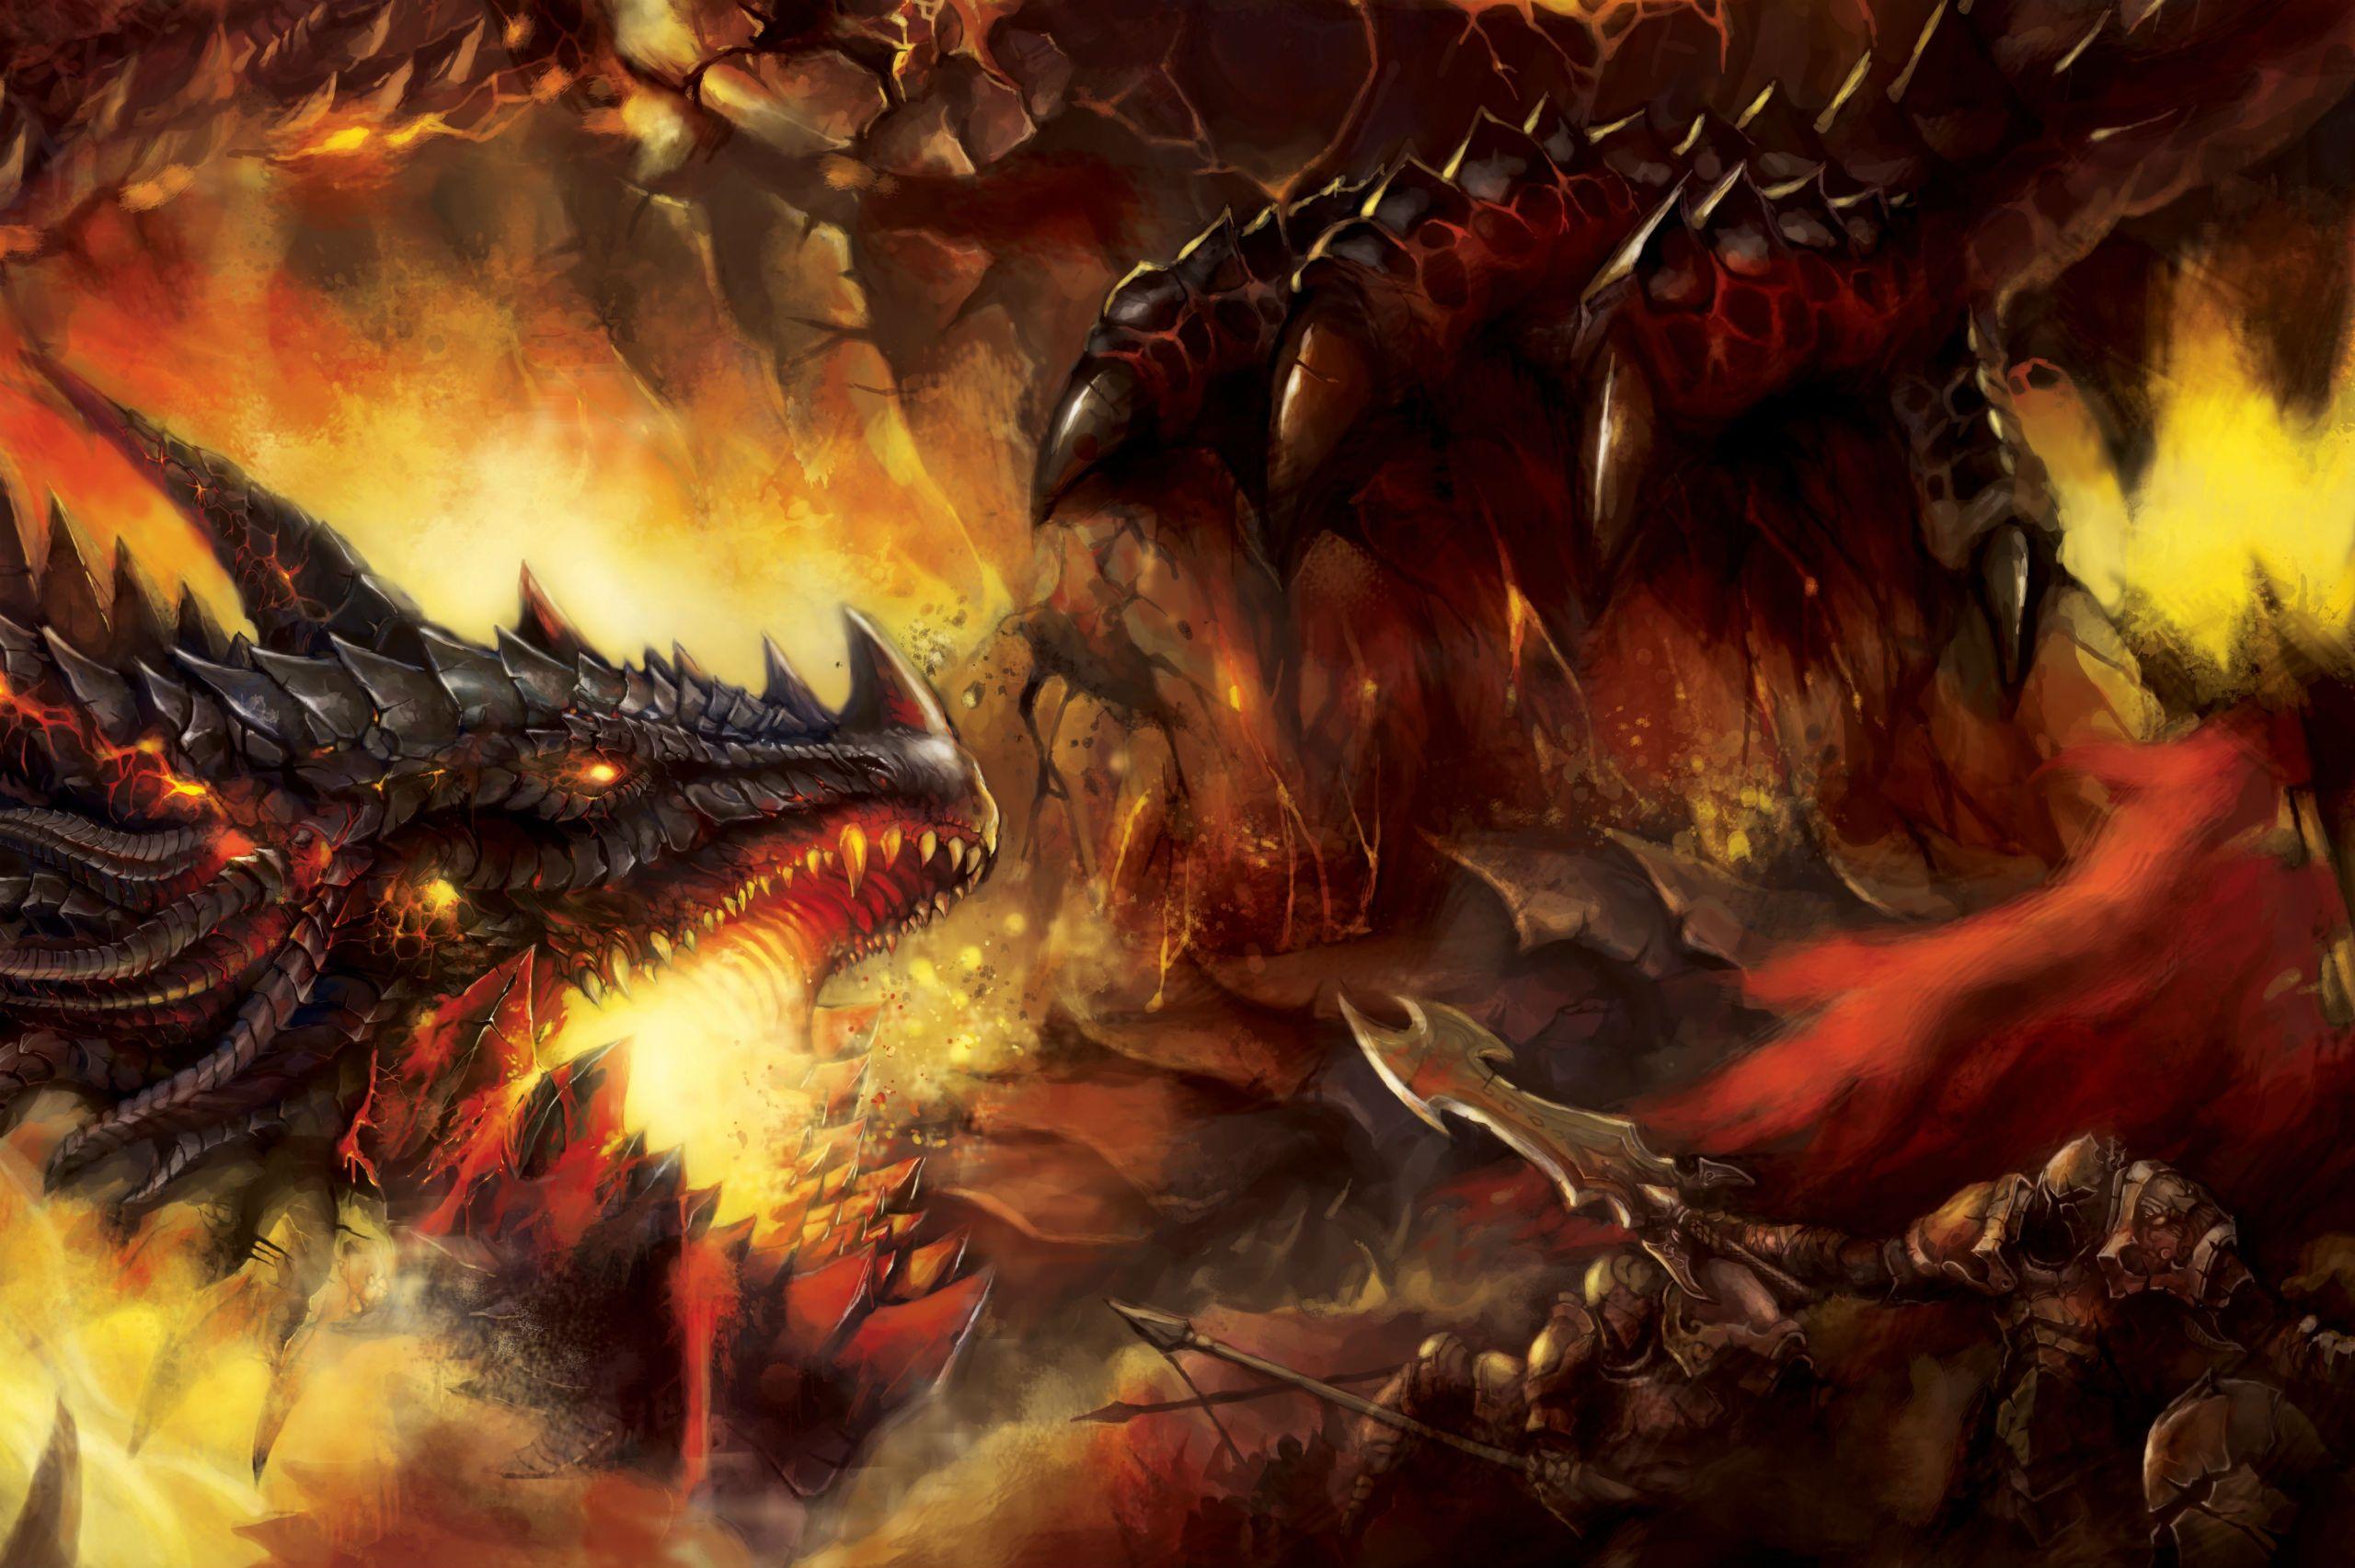 Dragon de feu ..